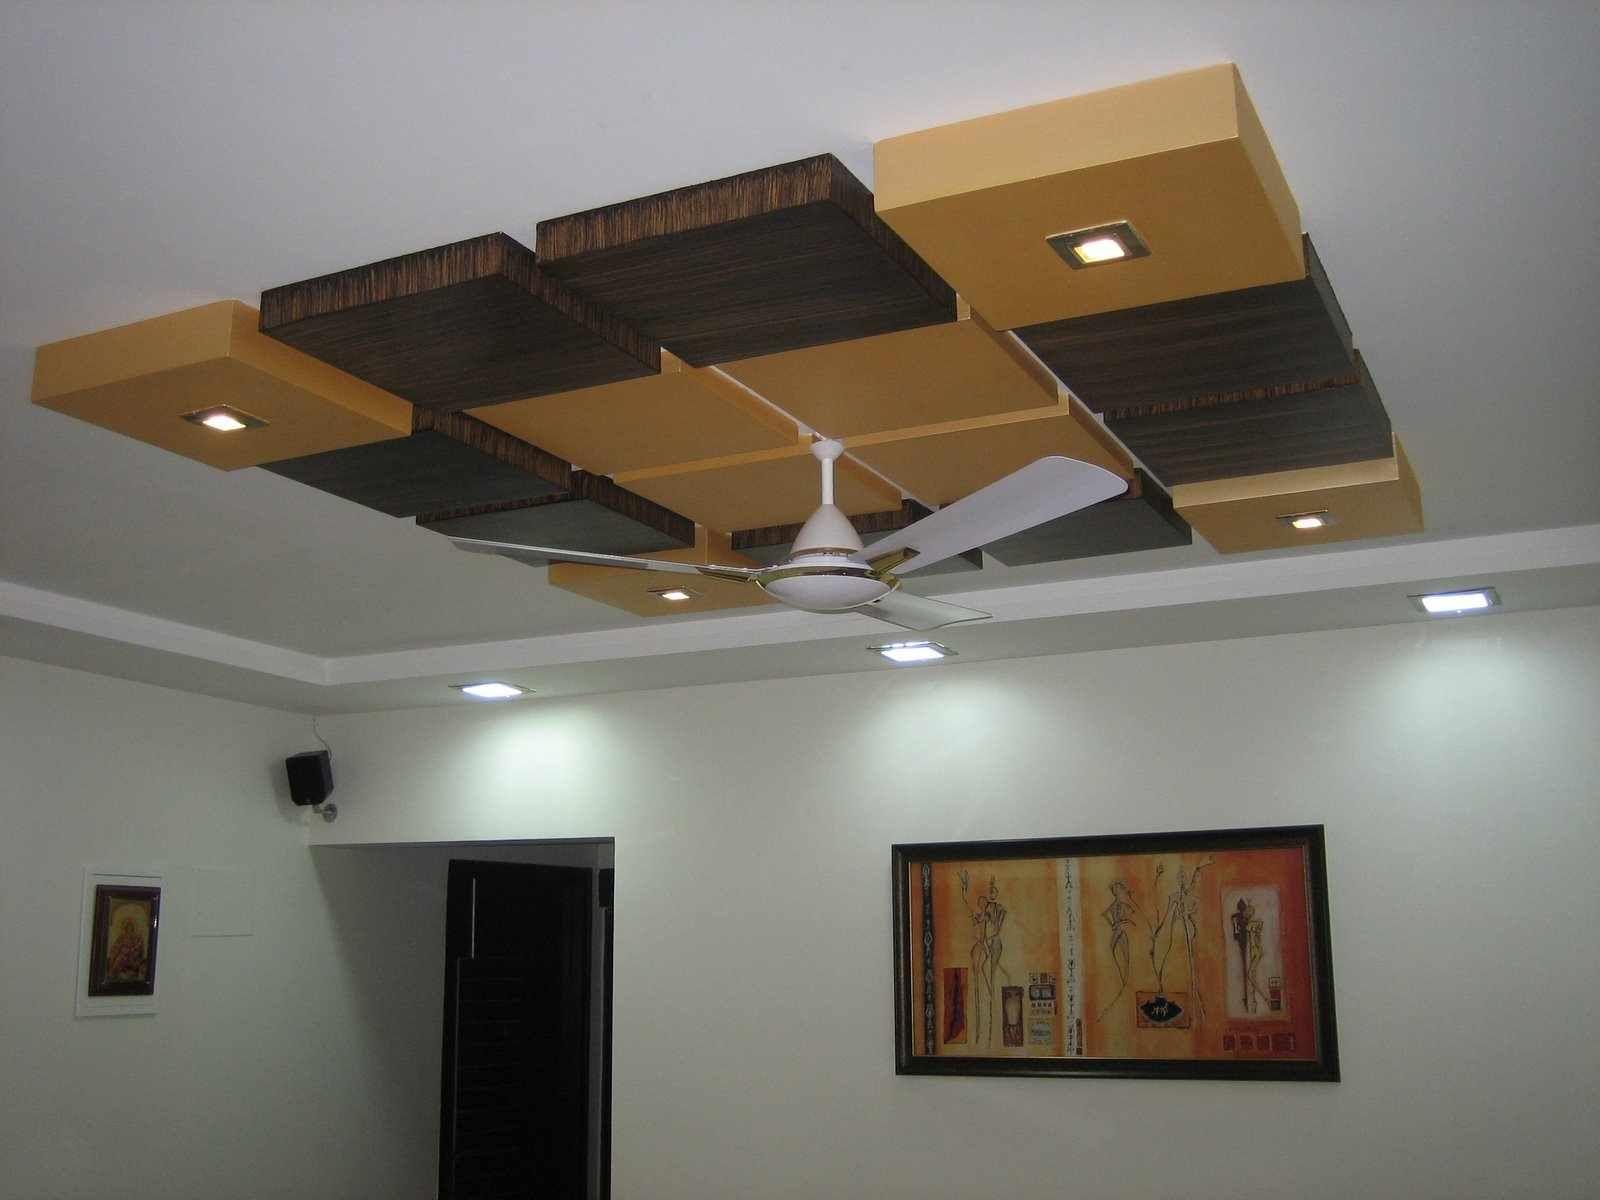 Modern False Ceiling Design For Bedroom Modern Pop False Ceiling Designs For Bedroom Interior 2014